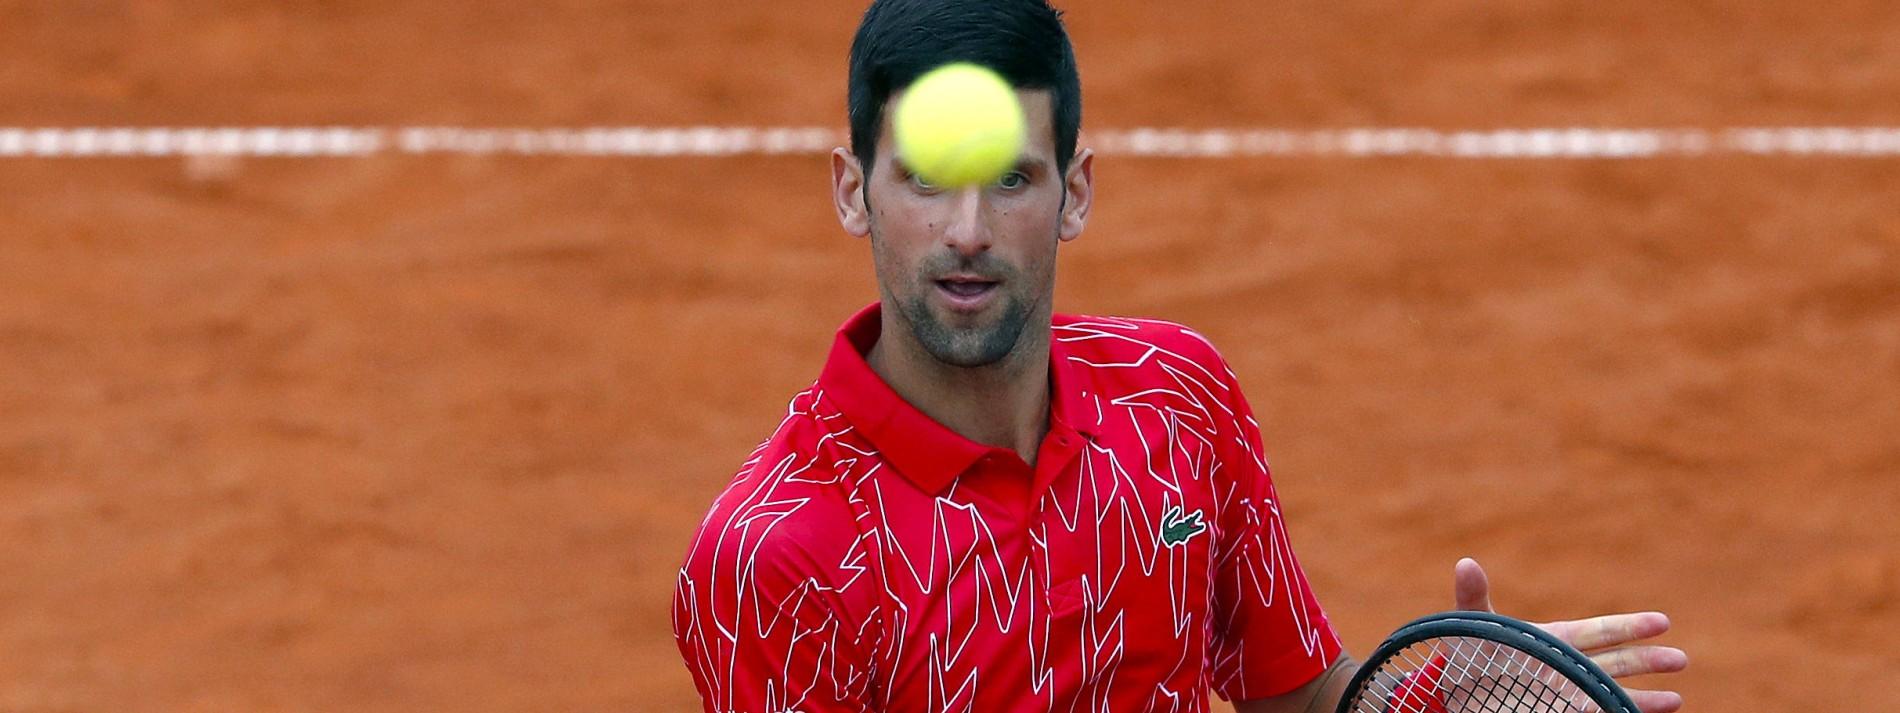 """""""Haben die noch was anderes als Tennisbälle im Kopf?"""""""